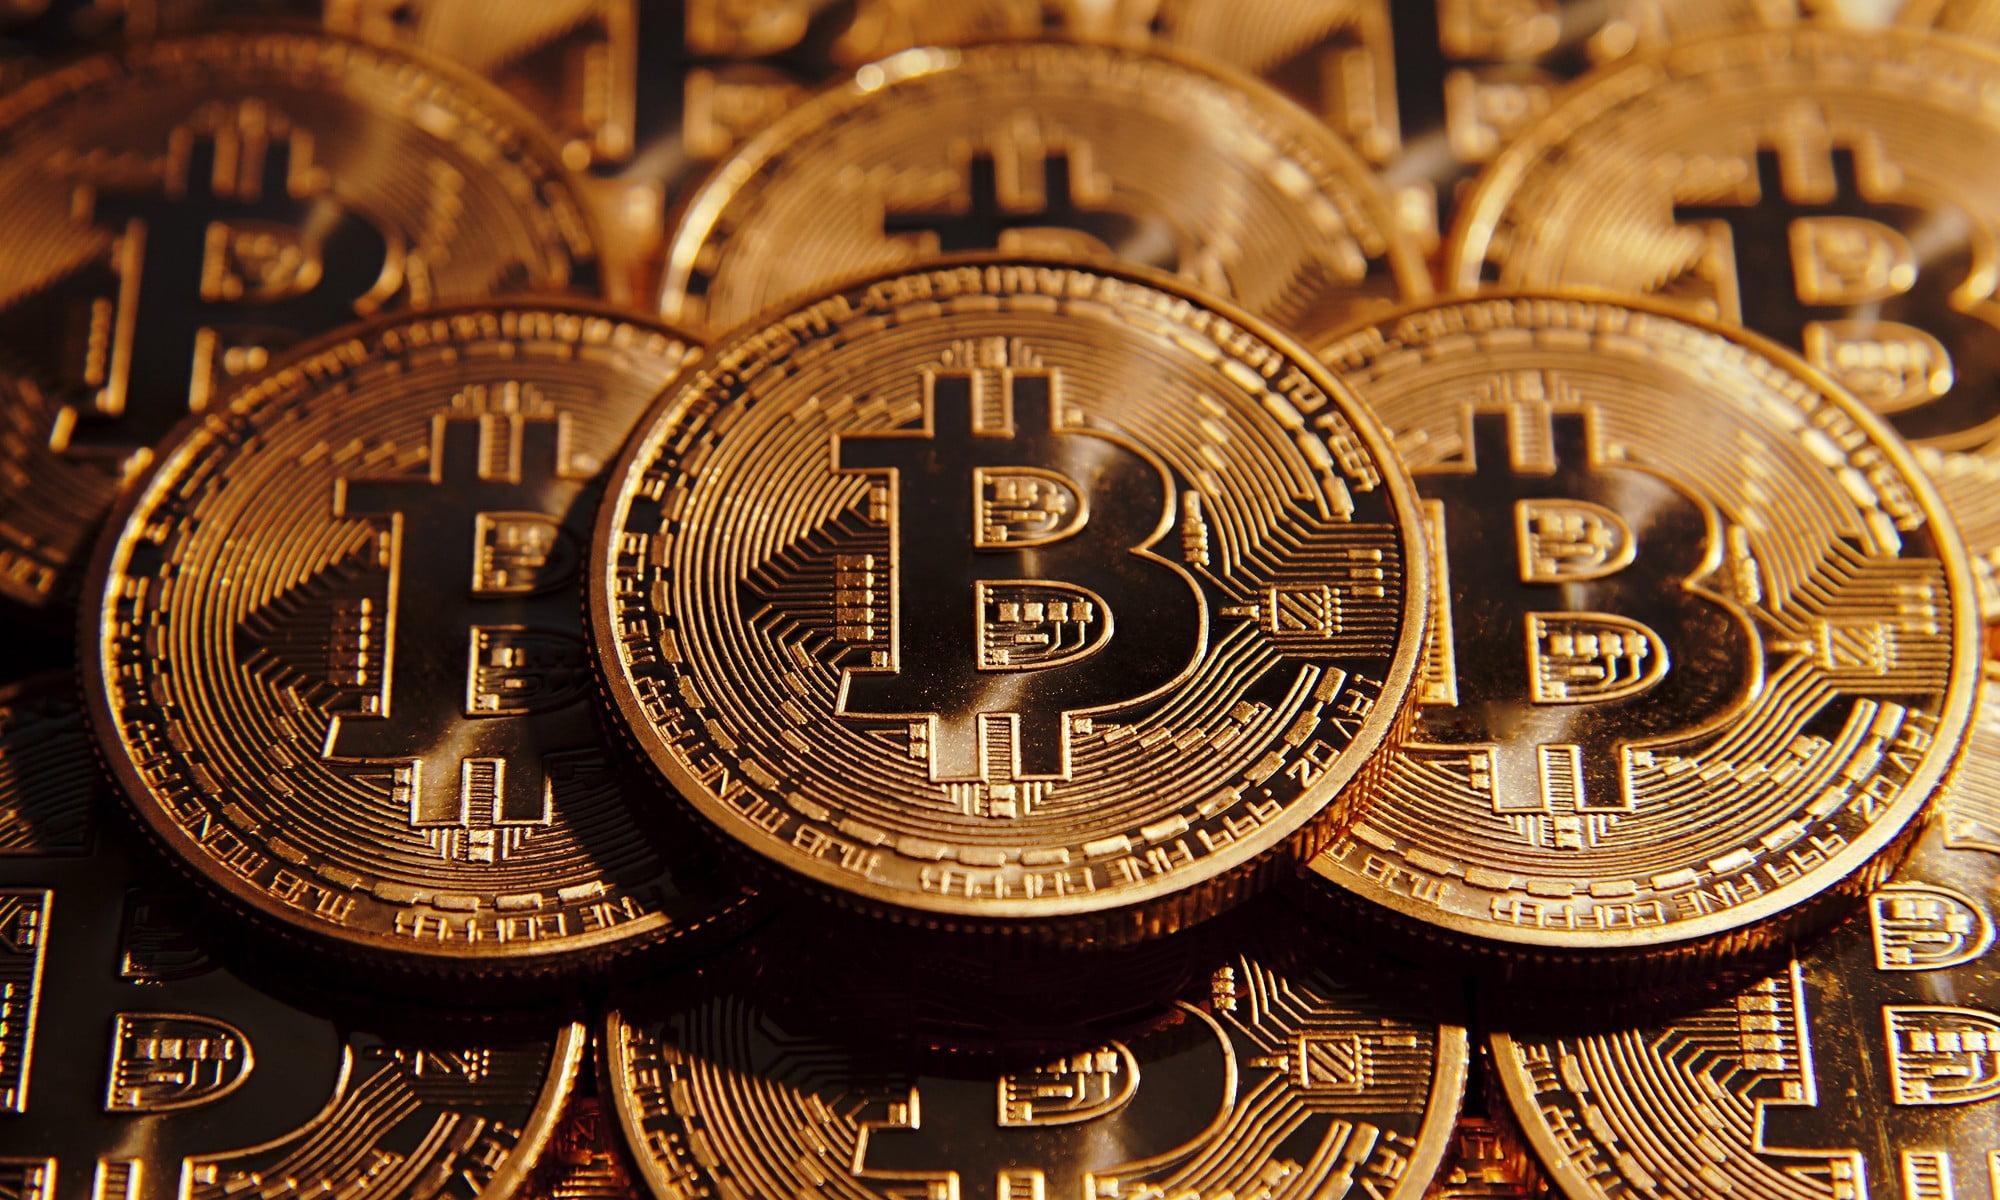 Bitcoin क्या है, कैसे काम करता है और कैसे आप इसमें इन्वेस्ट कर सकते हैं. जानिए सबकुछ